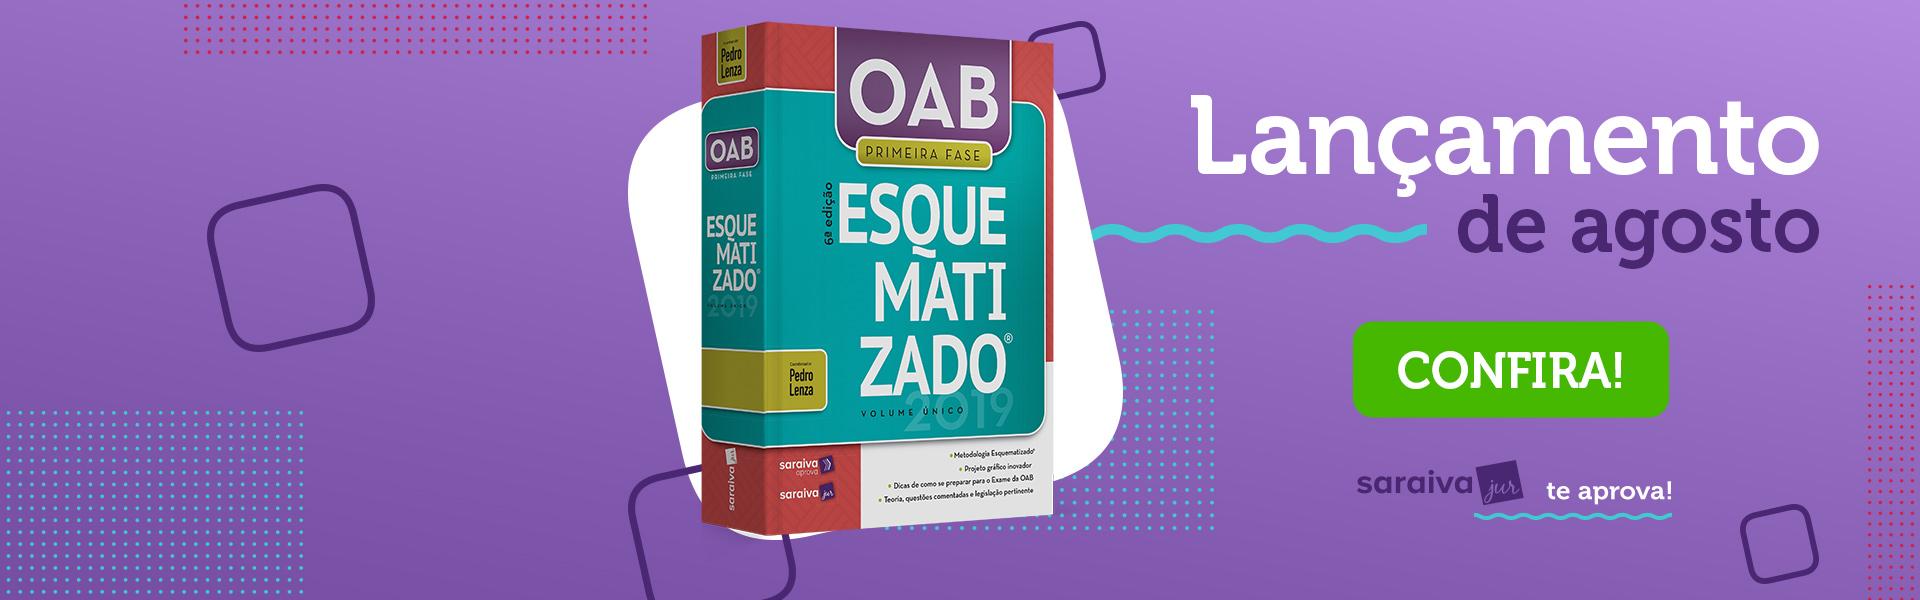 OAB Esquematizado 2019